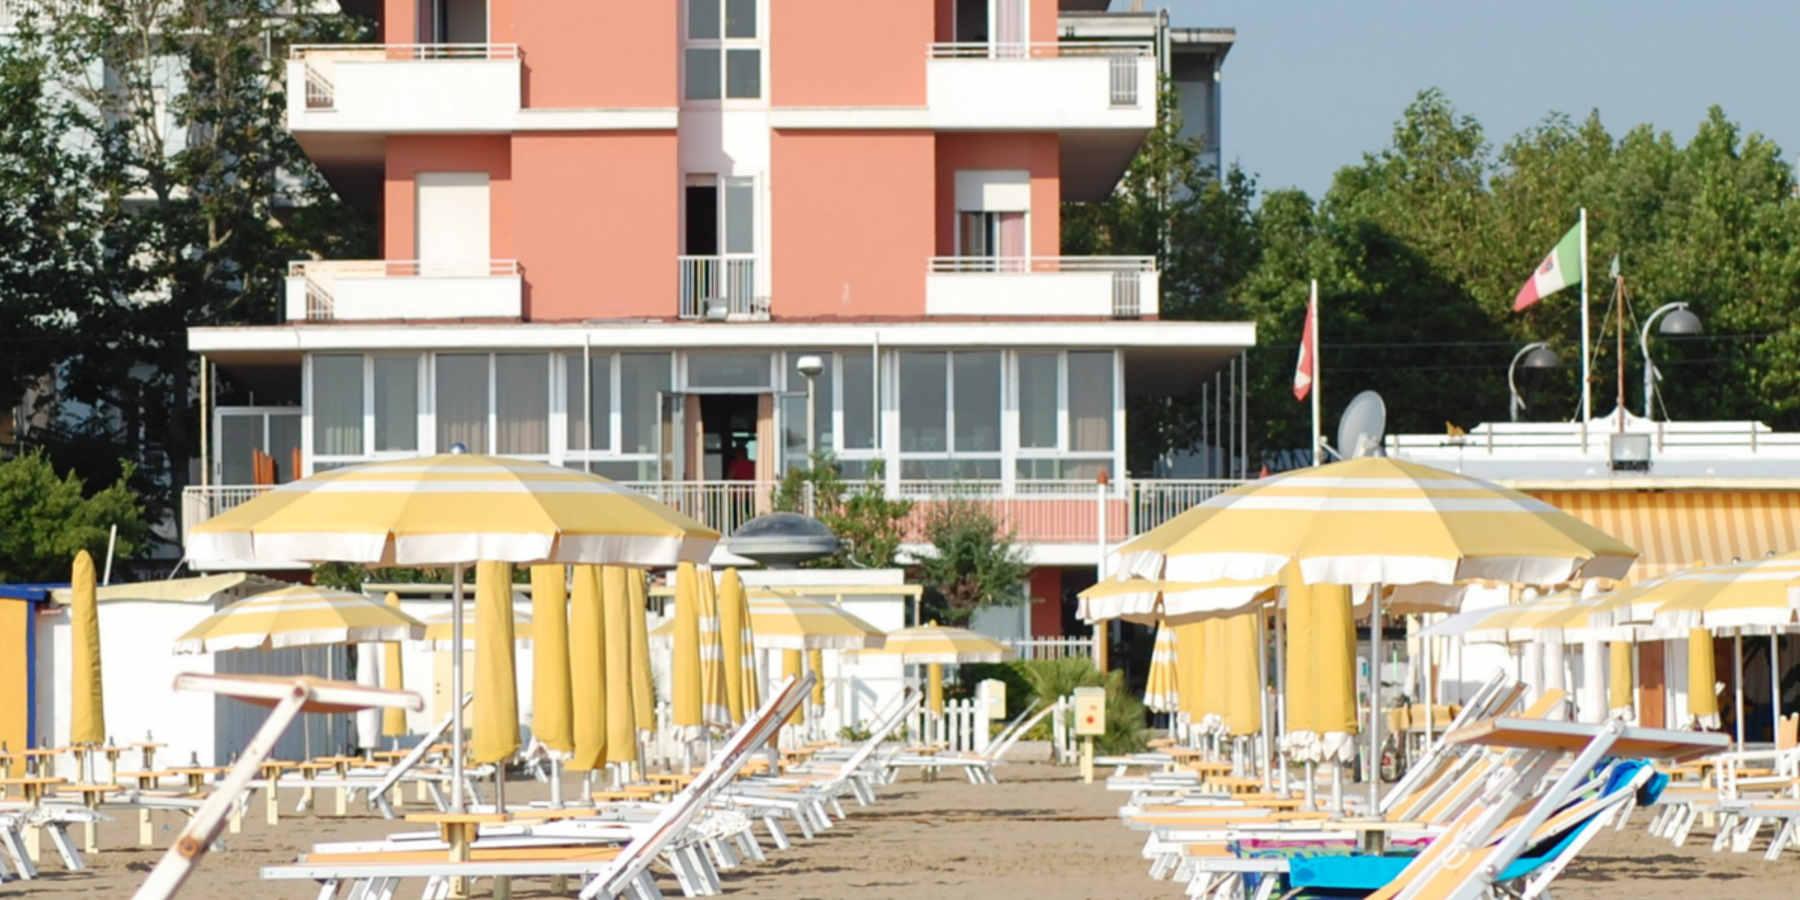 Hotel nelson rimini 3 stelle sulla spiaggia con piscina e - Hotel rivazzurra con piscina ...